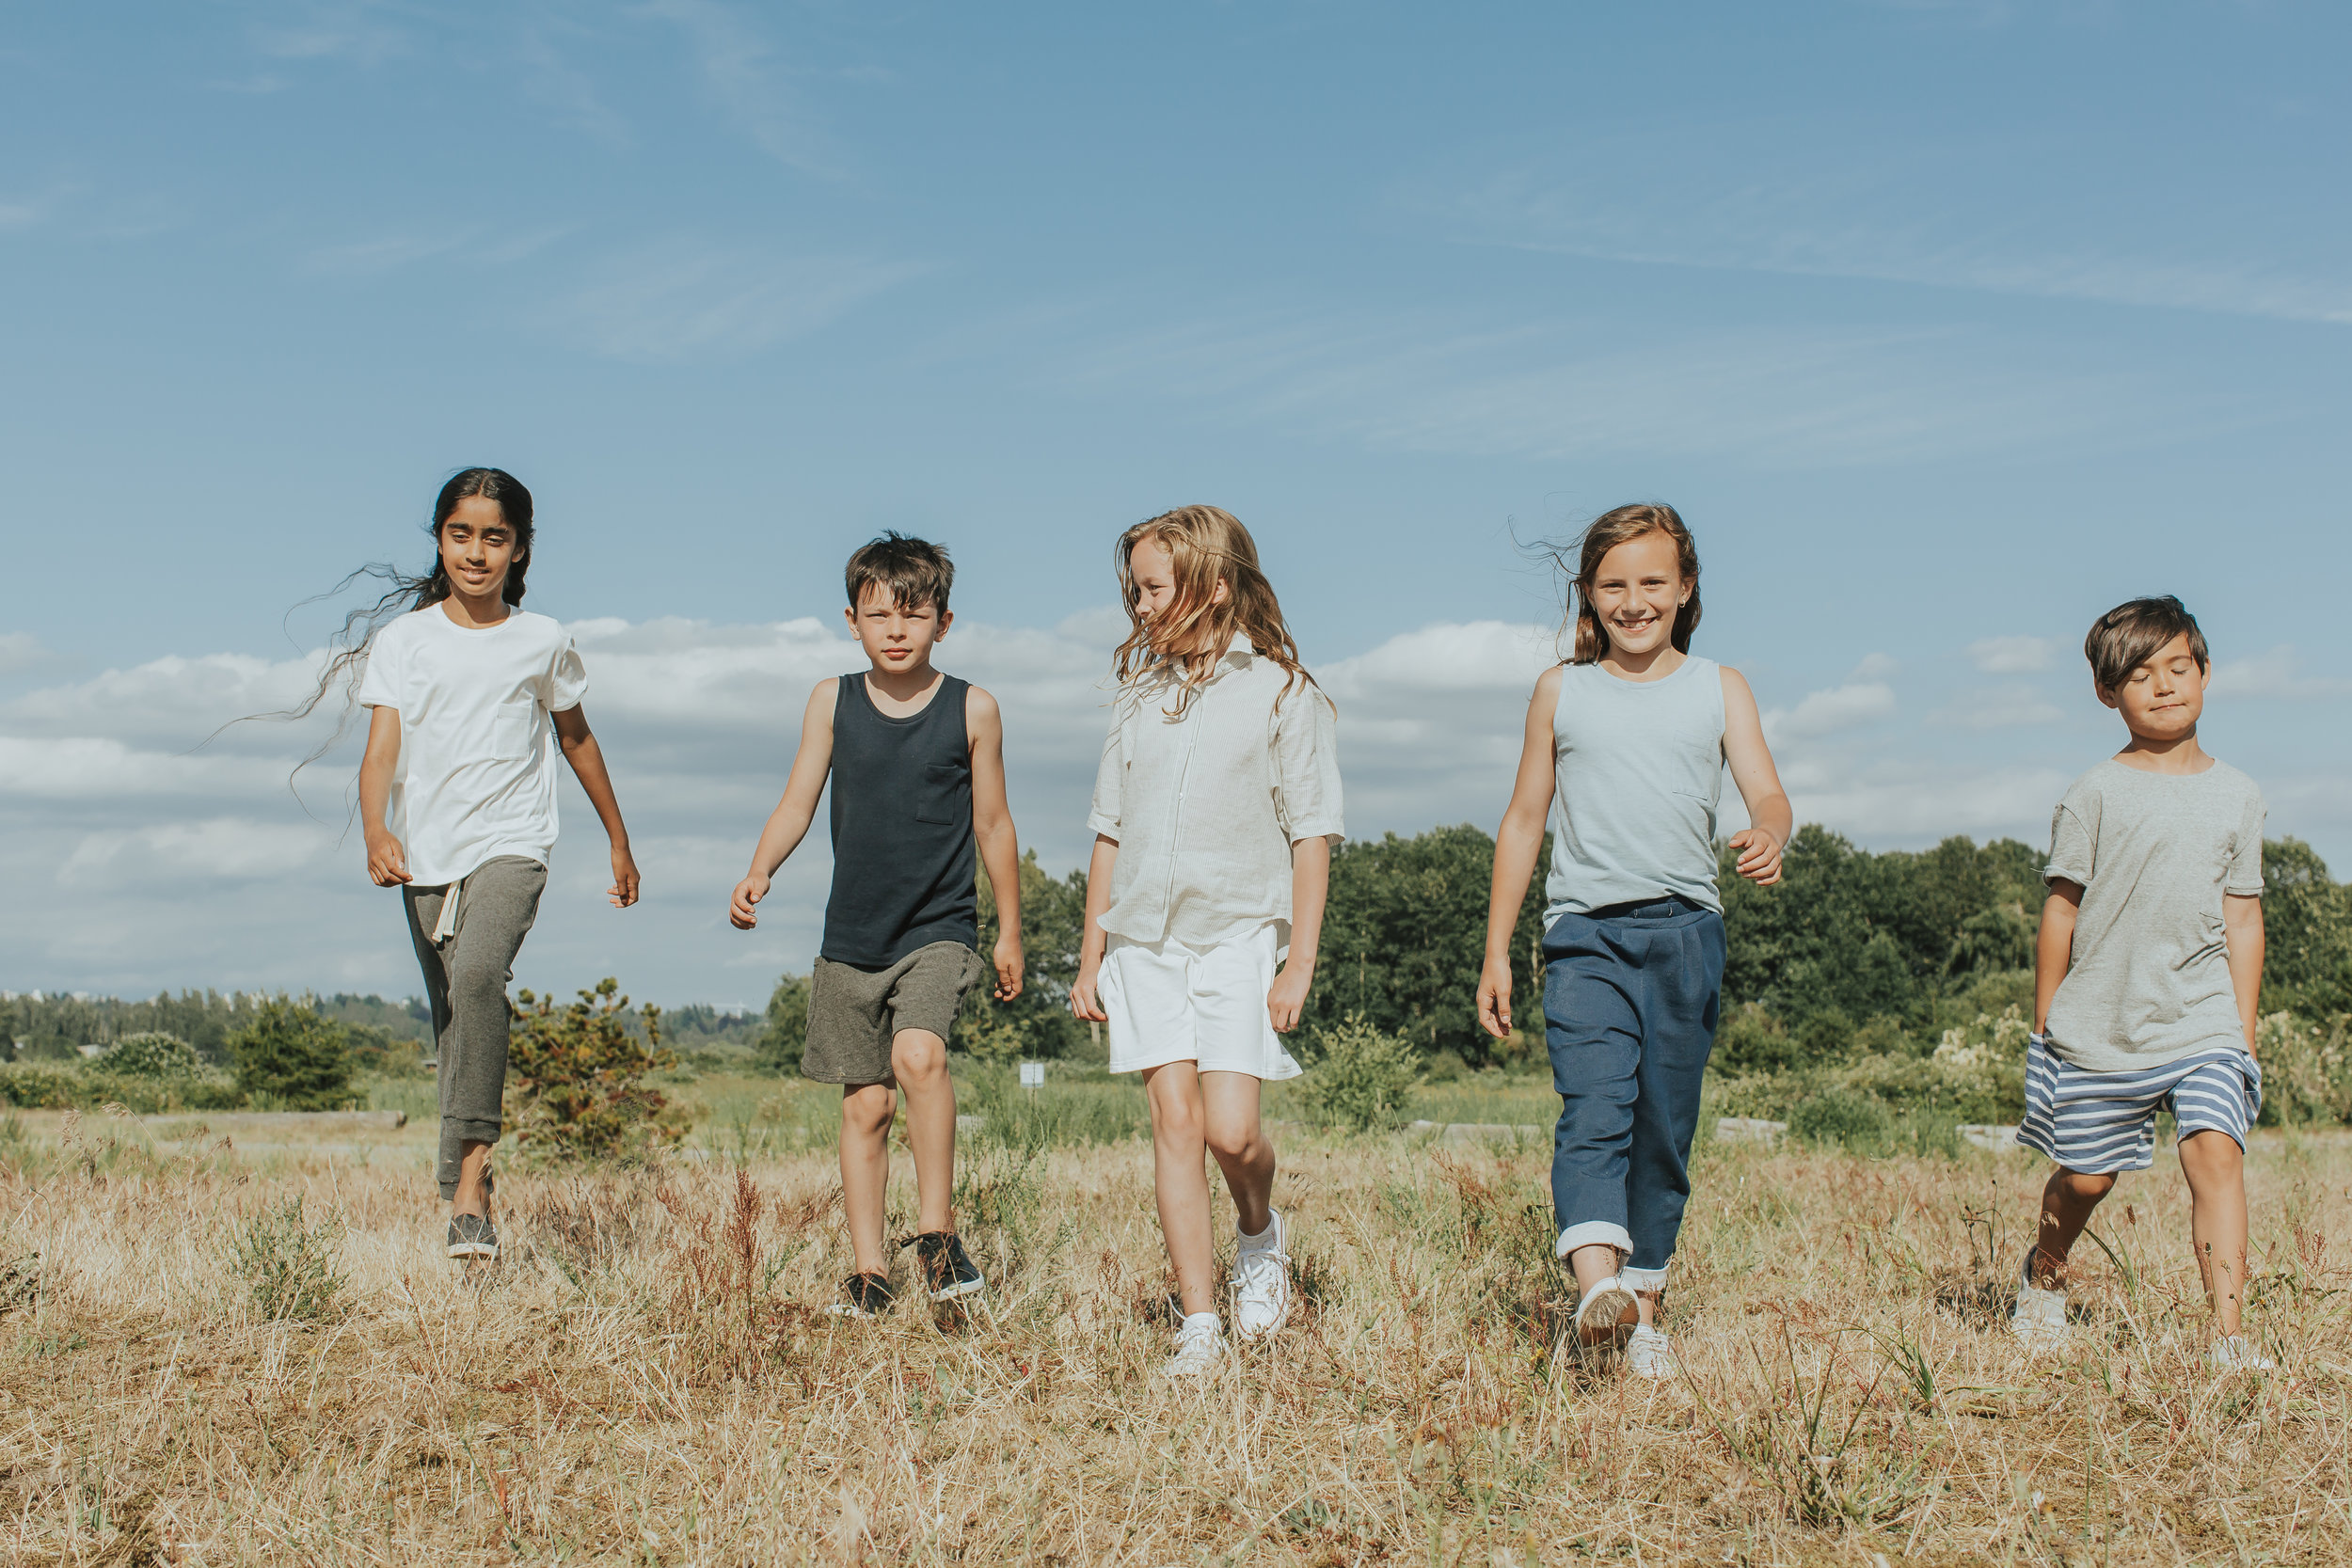 Kids walking in field.